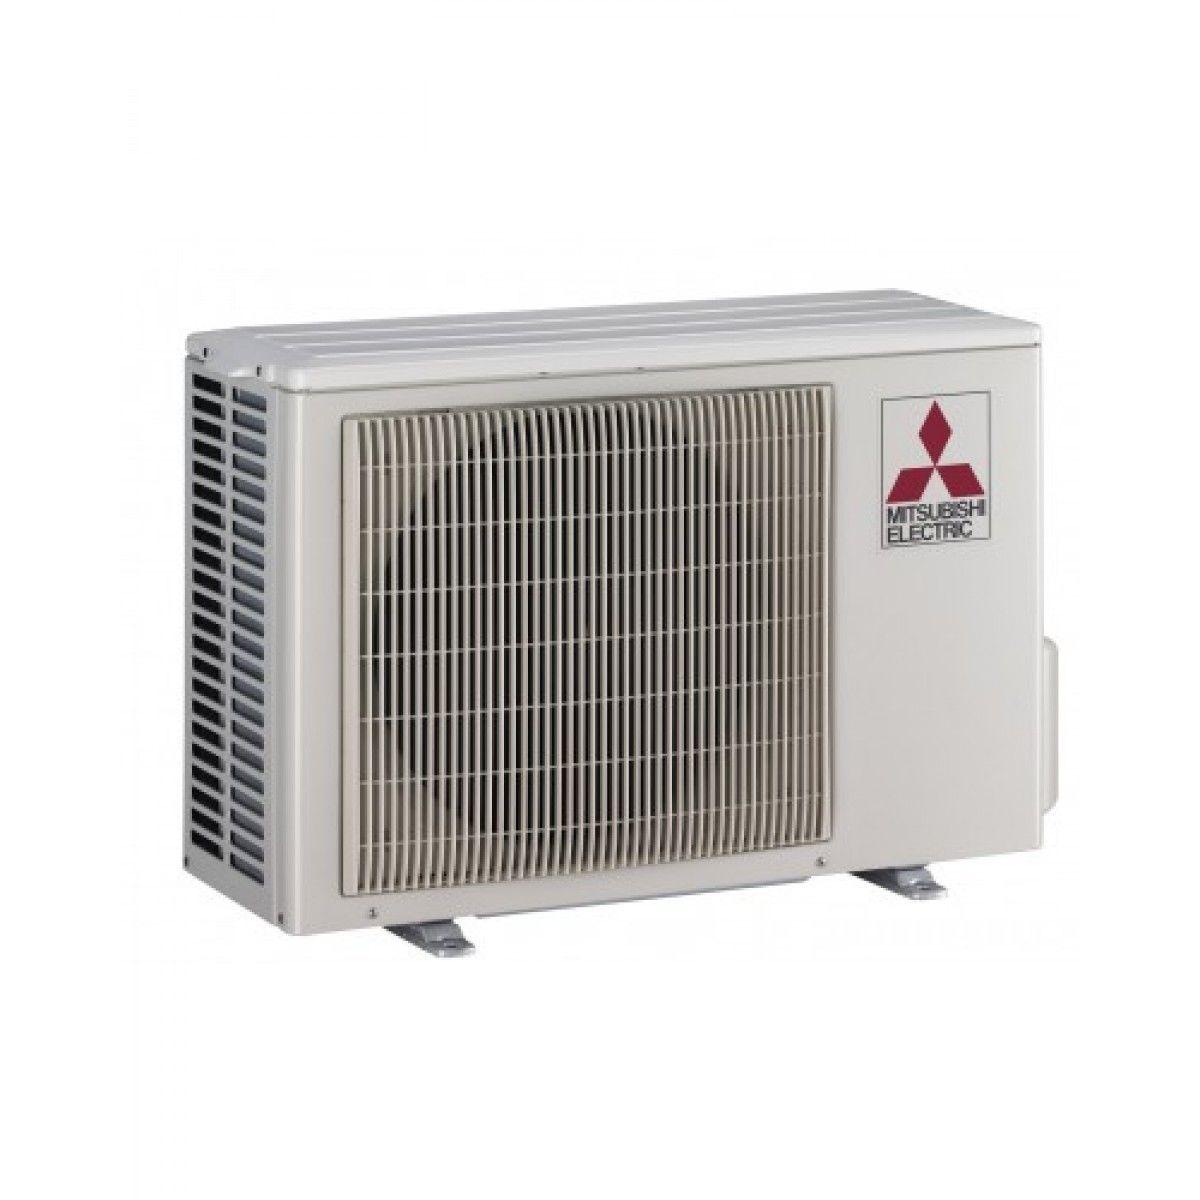 Mitsubishi 12k Btu 23 5 Seer Cooling Only System